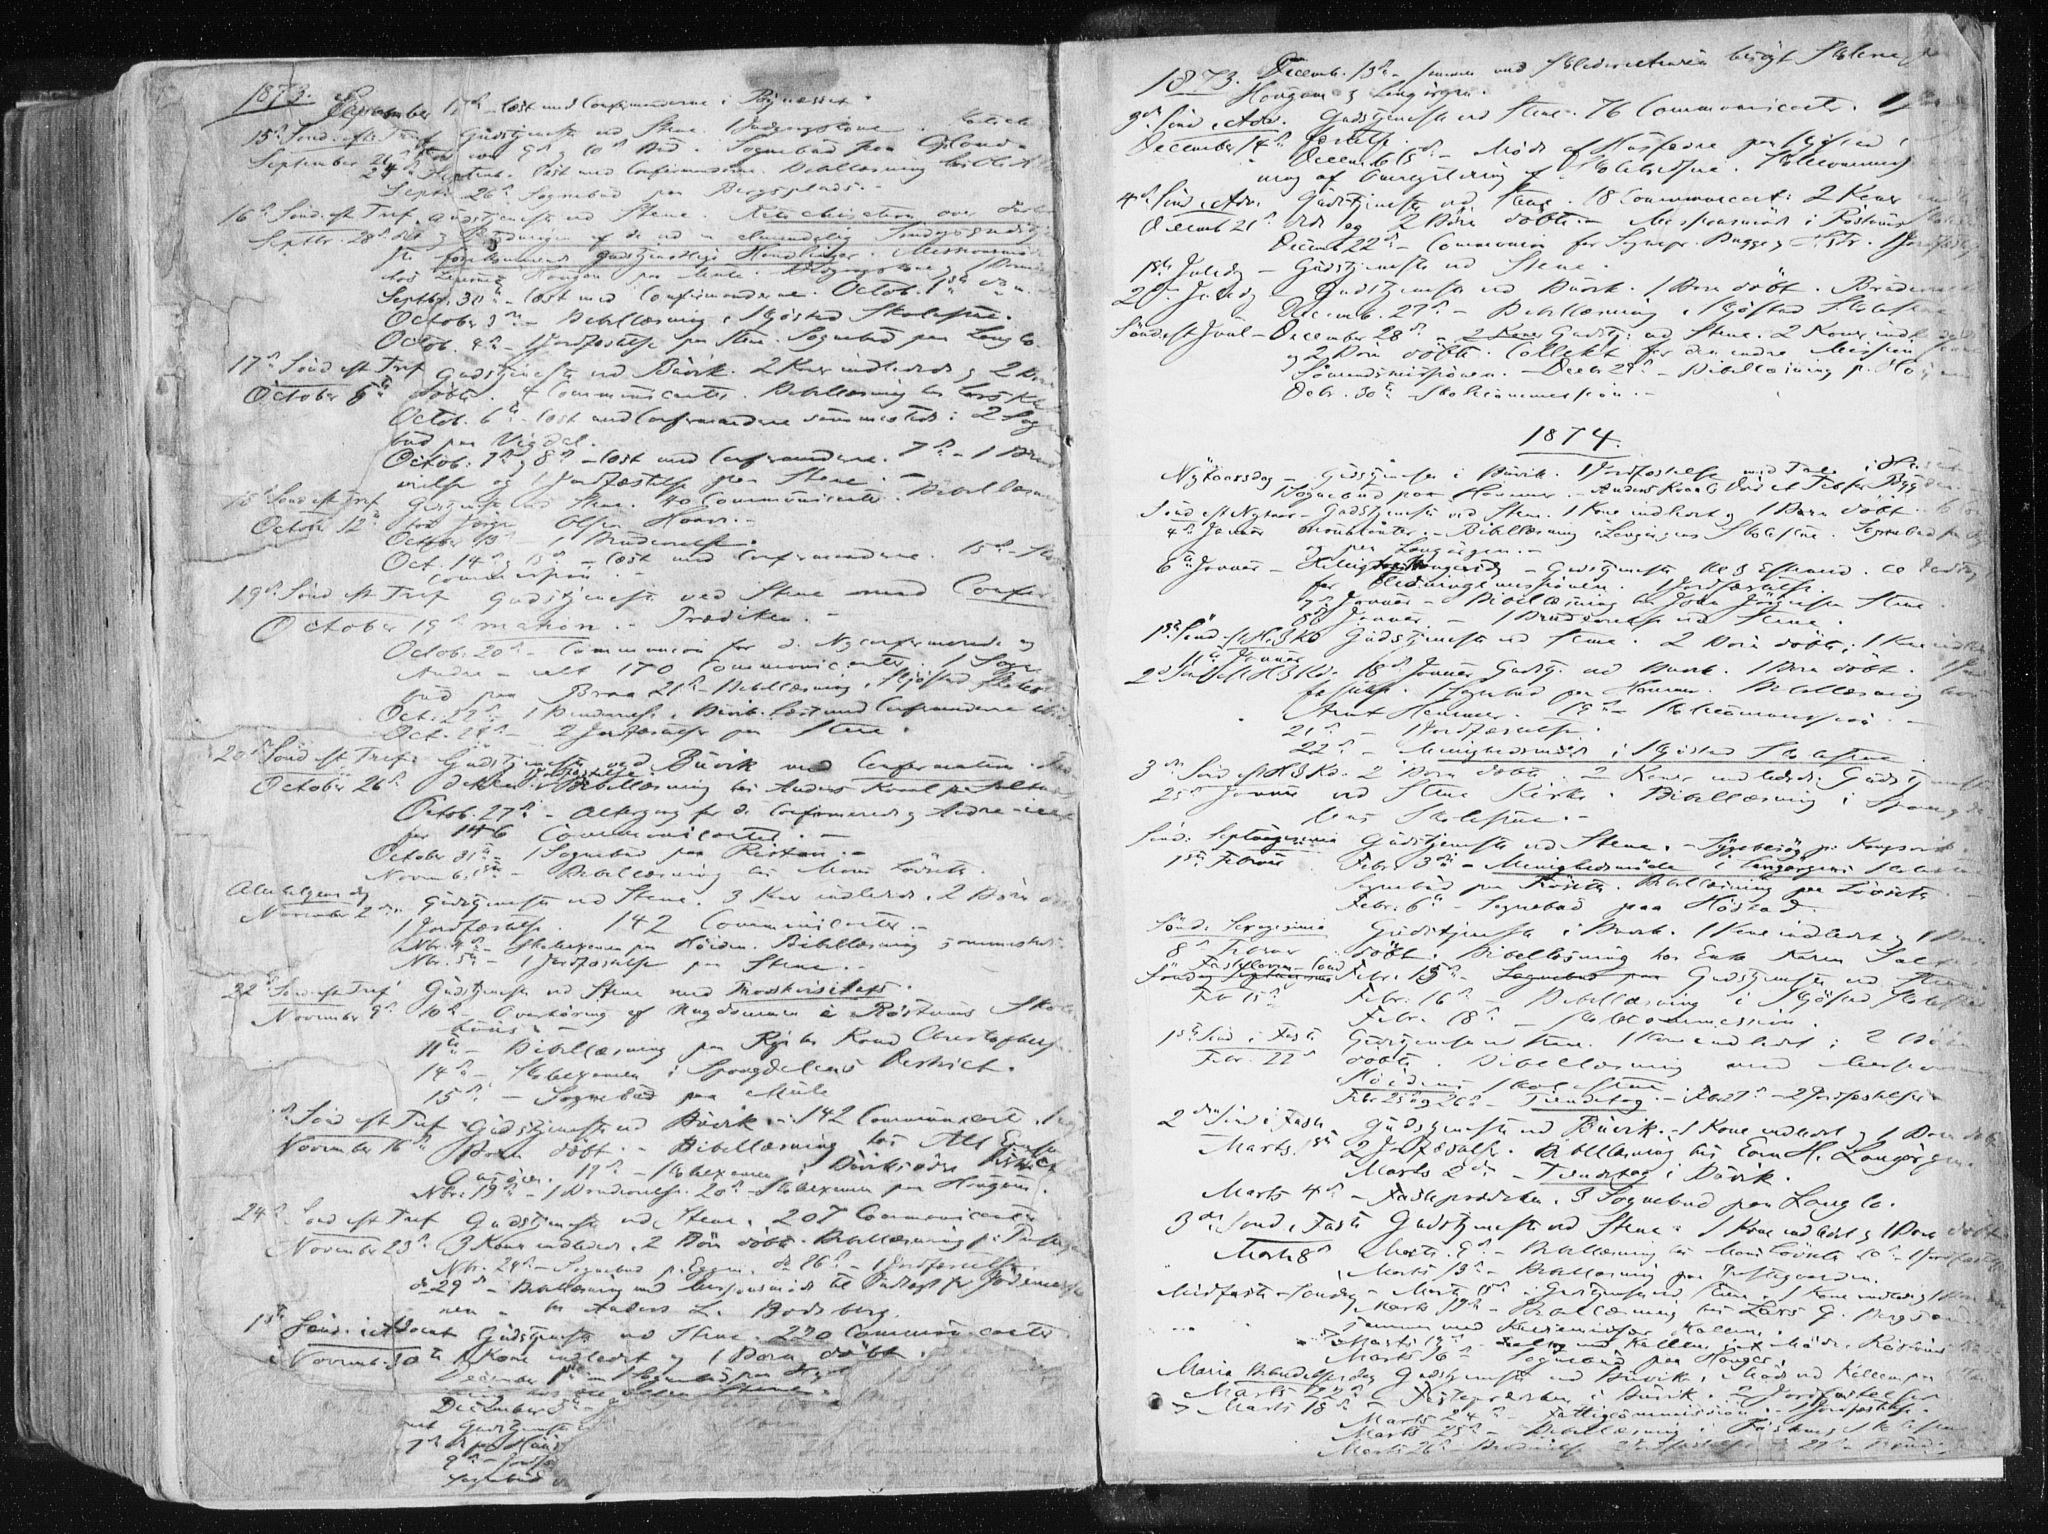 SAT, Ministerialprotokoller, klokkerbøker og fødselsregistre - Sør-Trøndelag, 612/L0377: Ministerialbok nr. 612A09, 1859-1877, s. 580